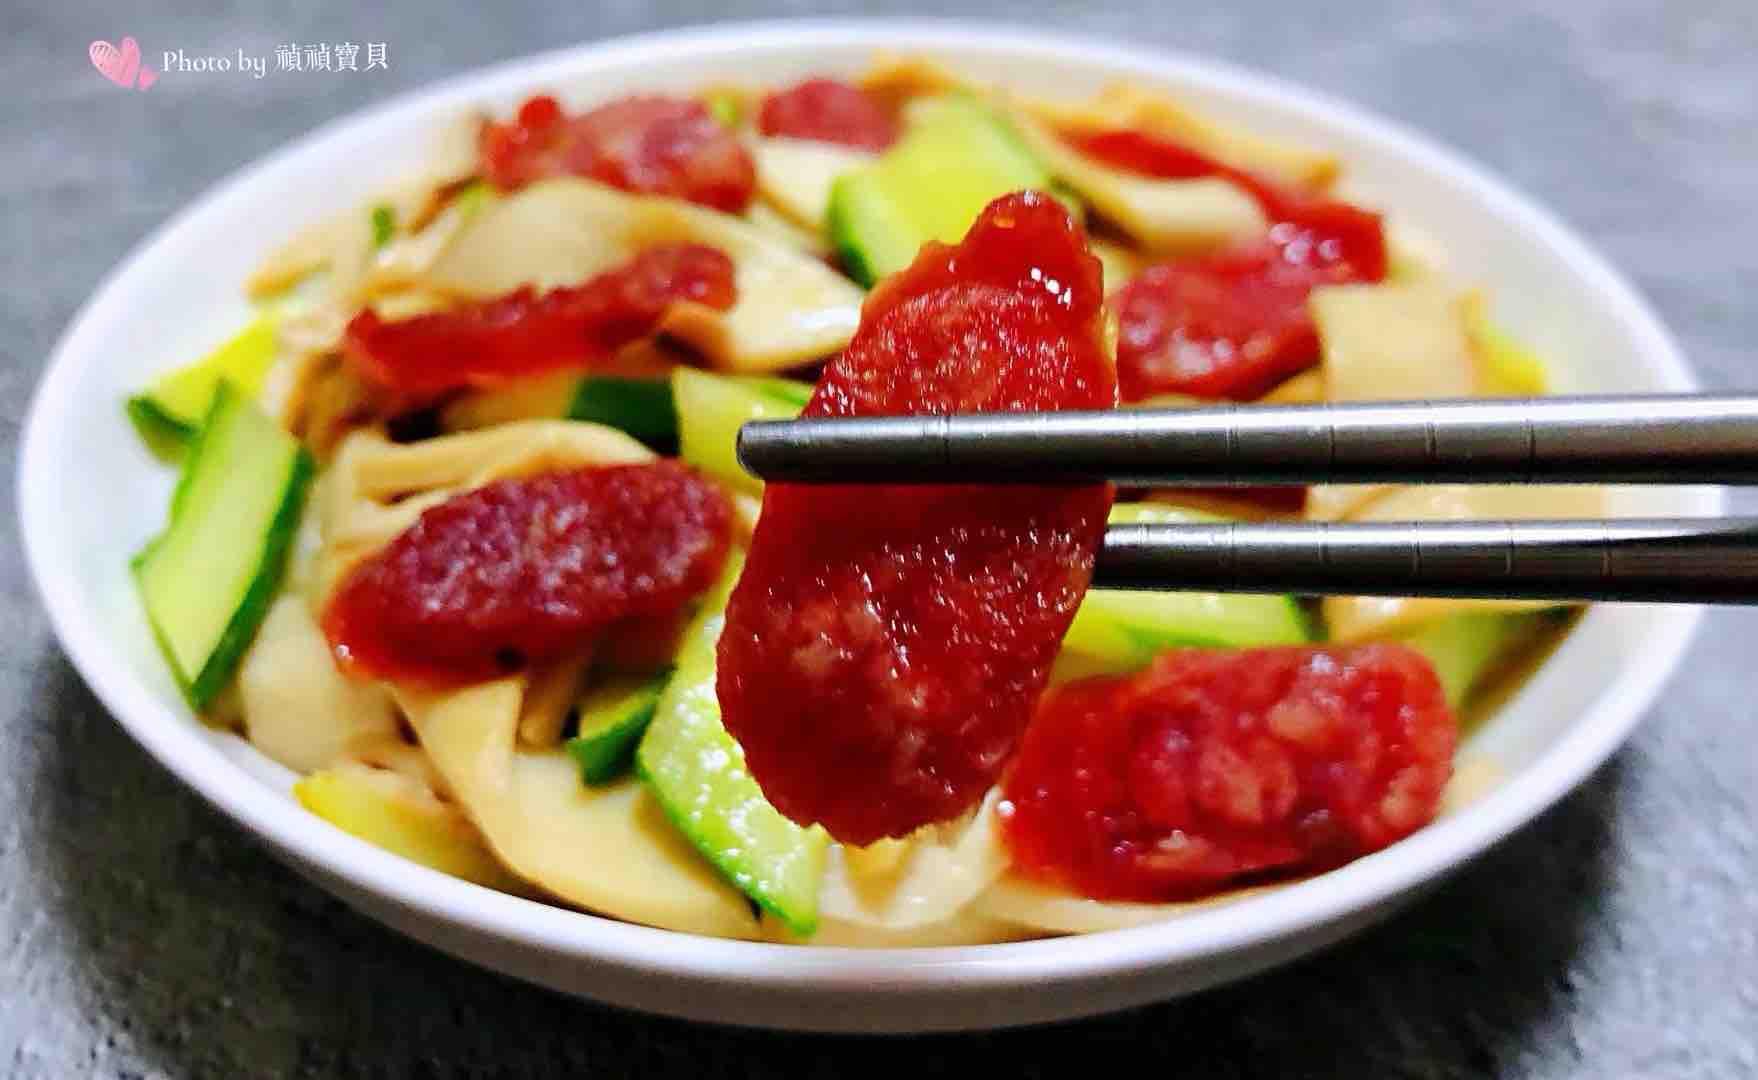 腊肠黄瓜炒杏鲍菇怎样煮